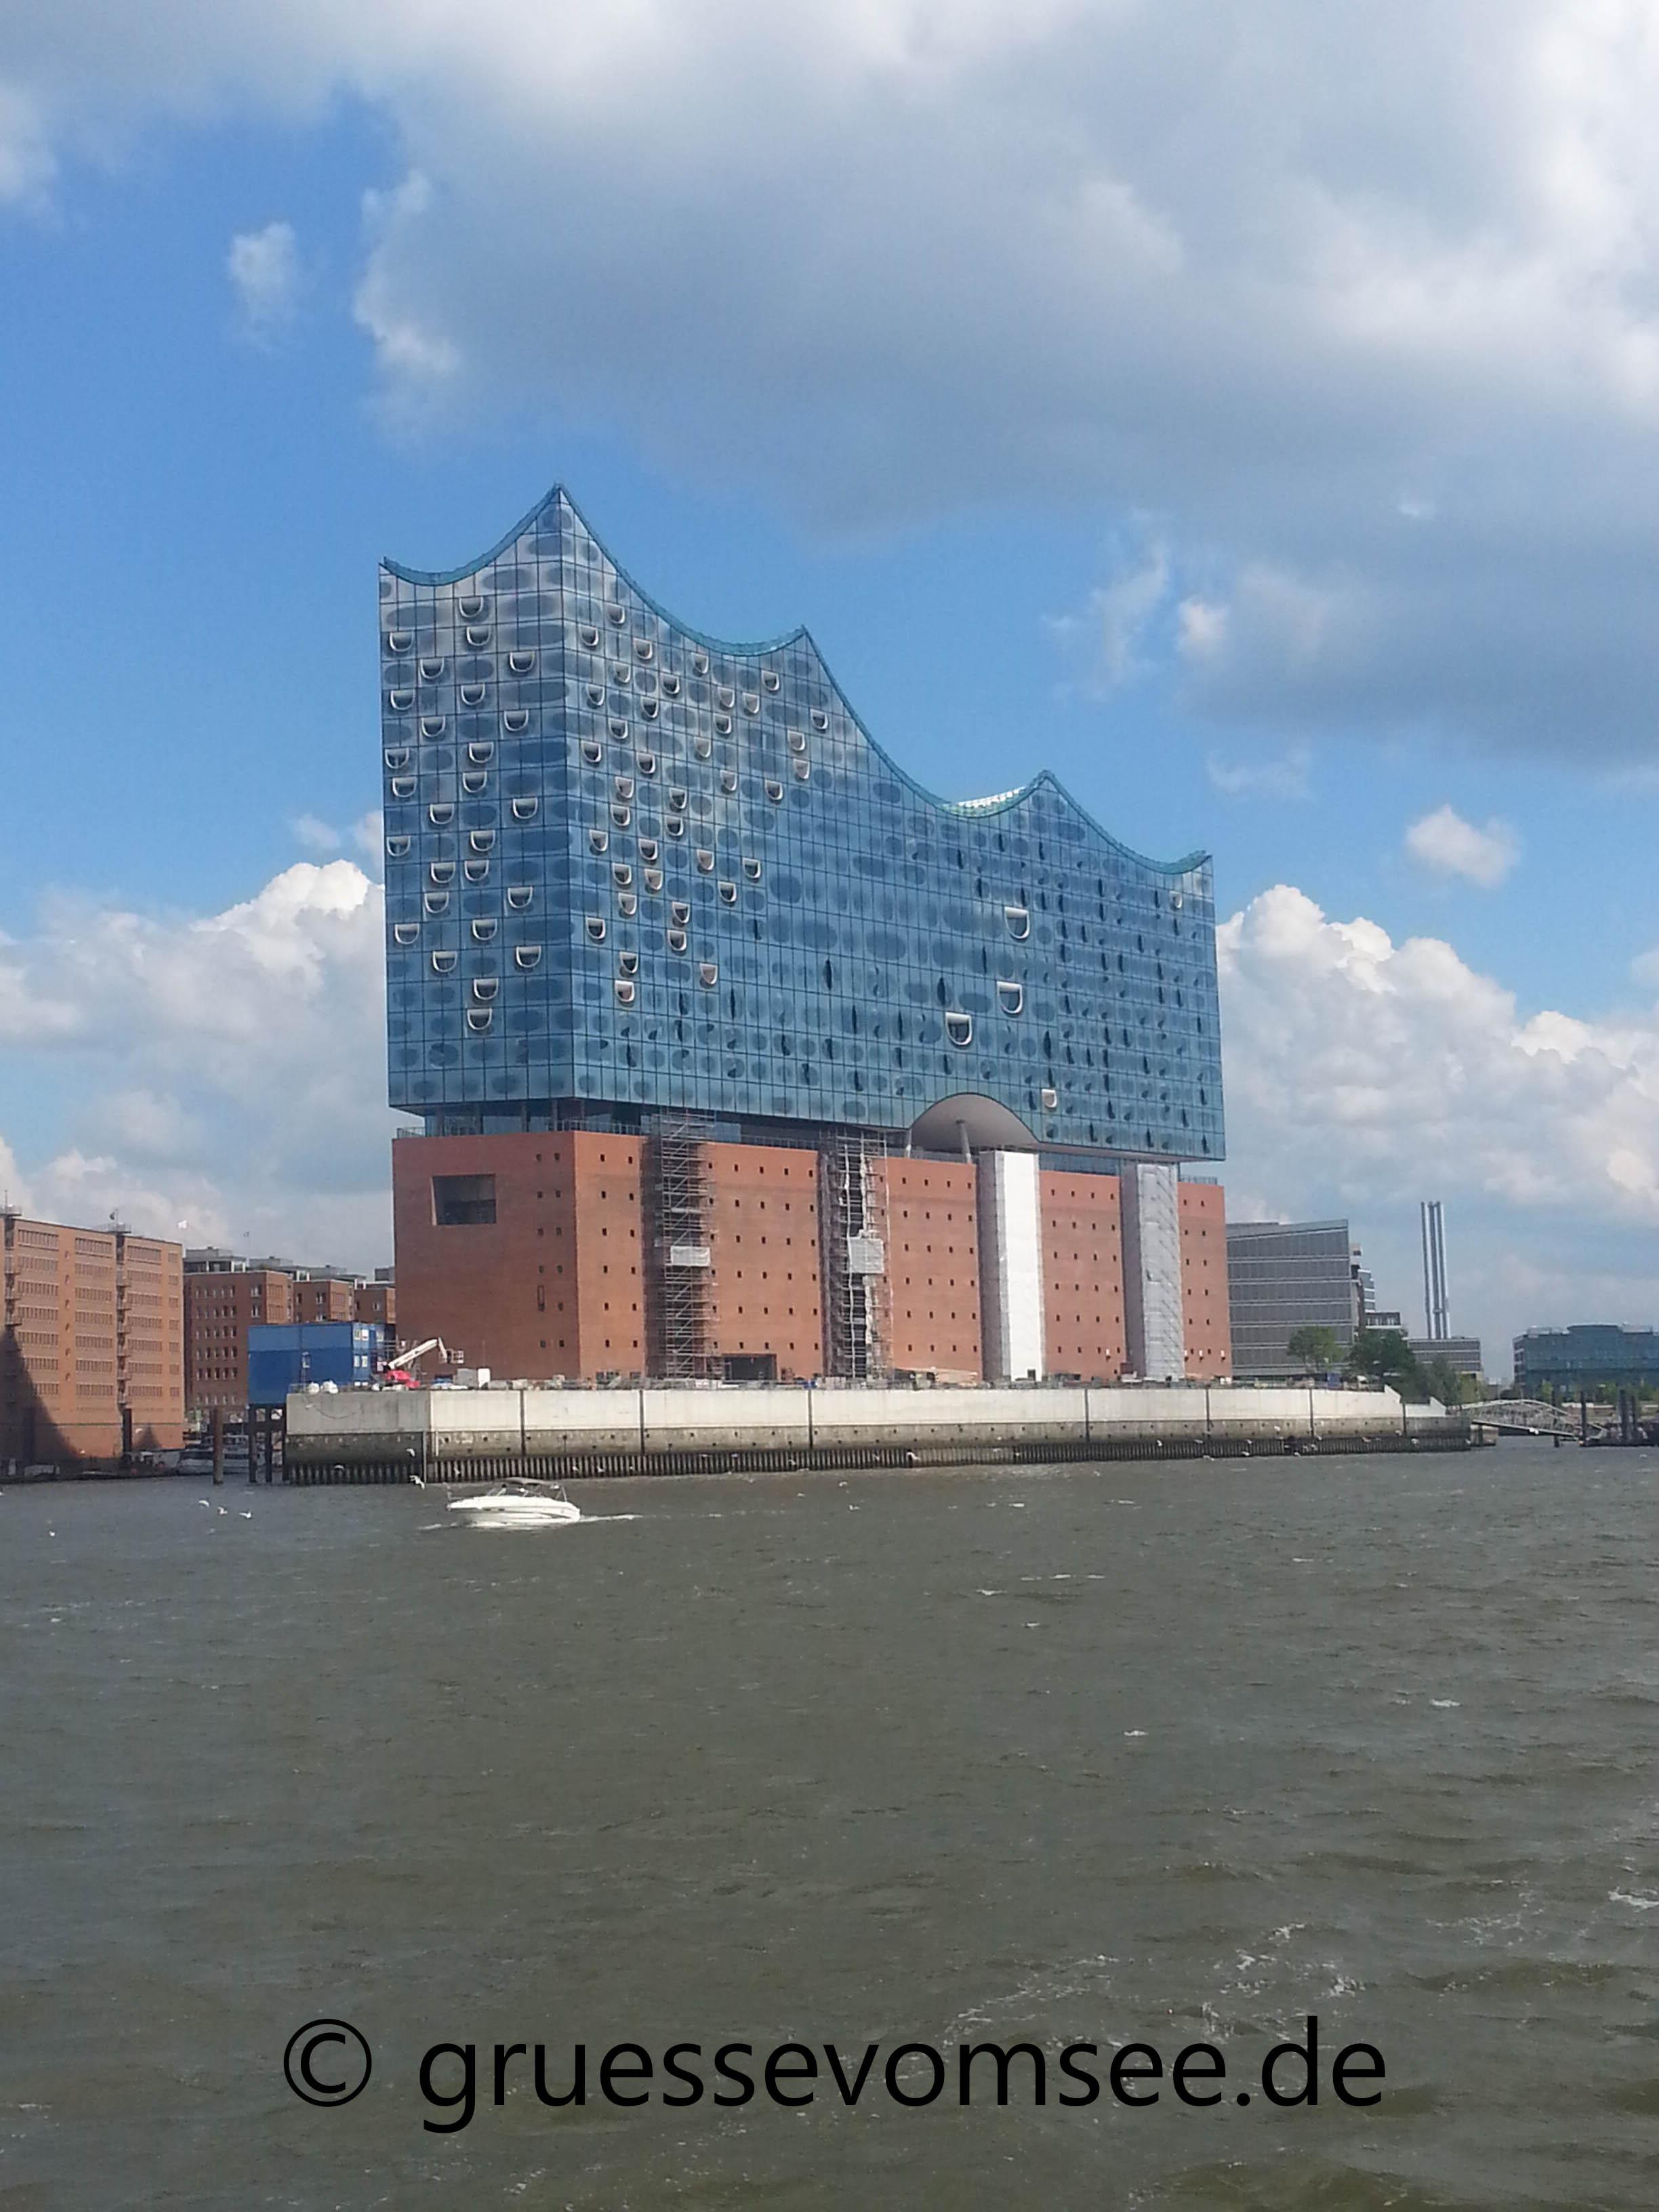 Hamburg_Hochzeit_Anna_Jan_Hafenrundfahrt_Gruessevomsee